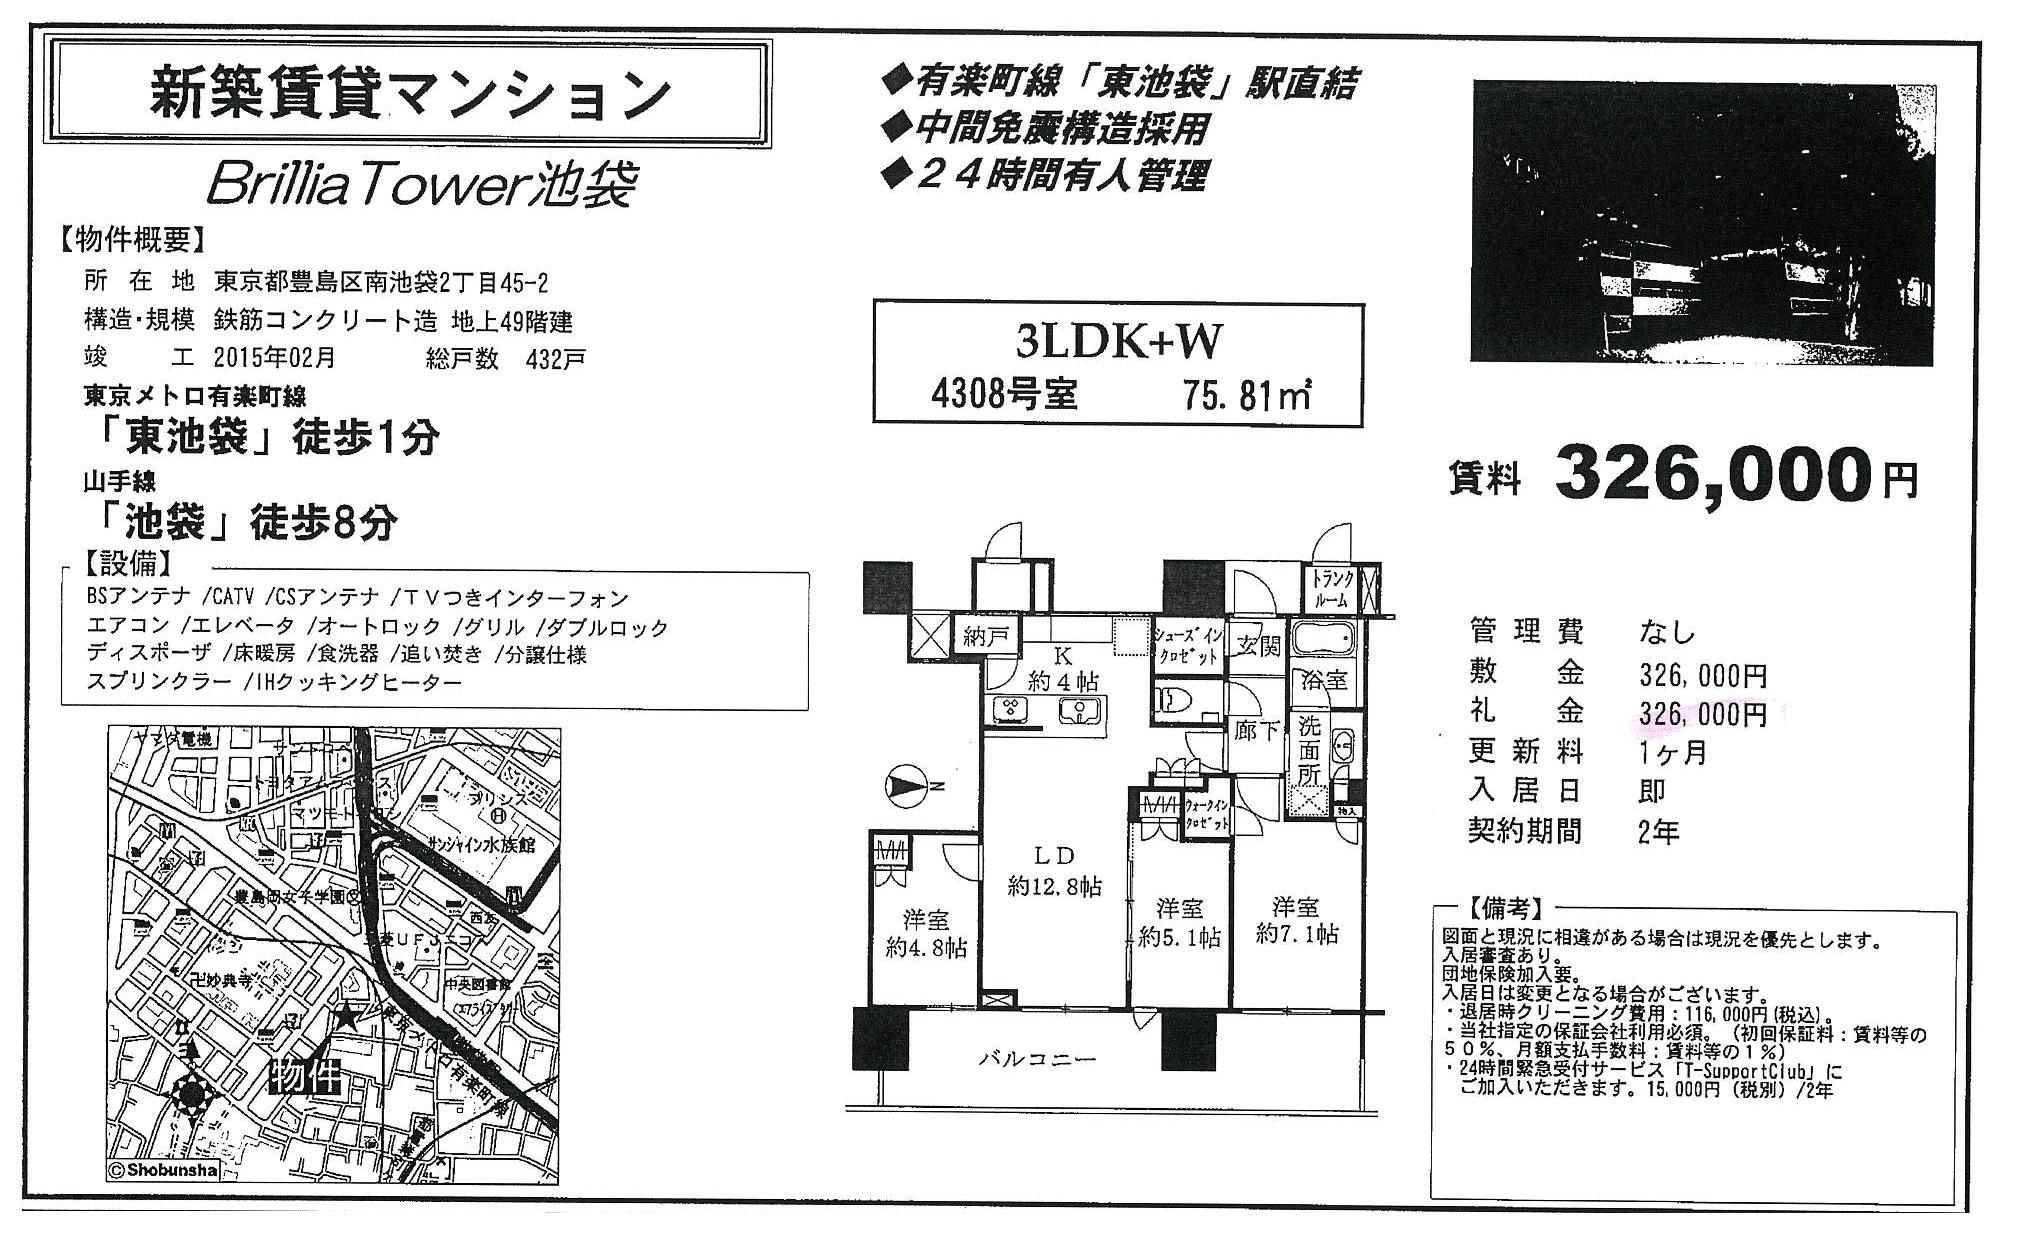 ブリリアタワー池袋図面4308号室